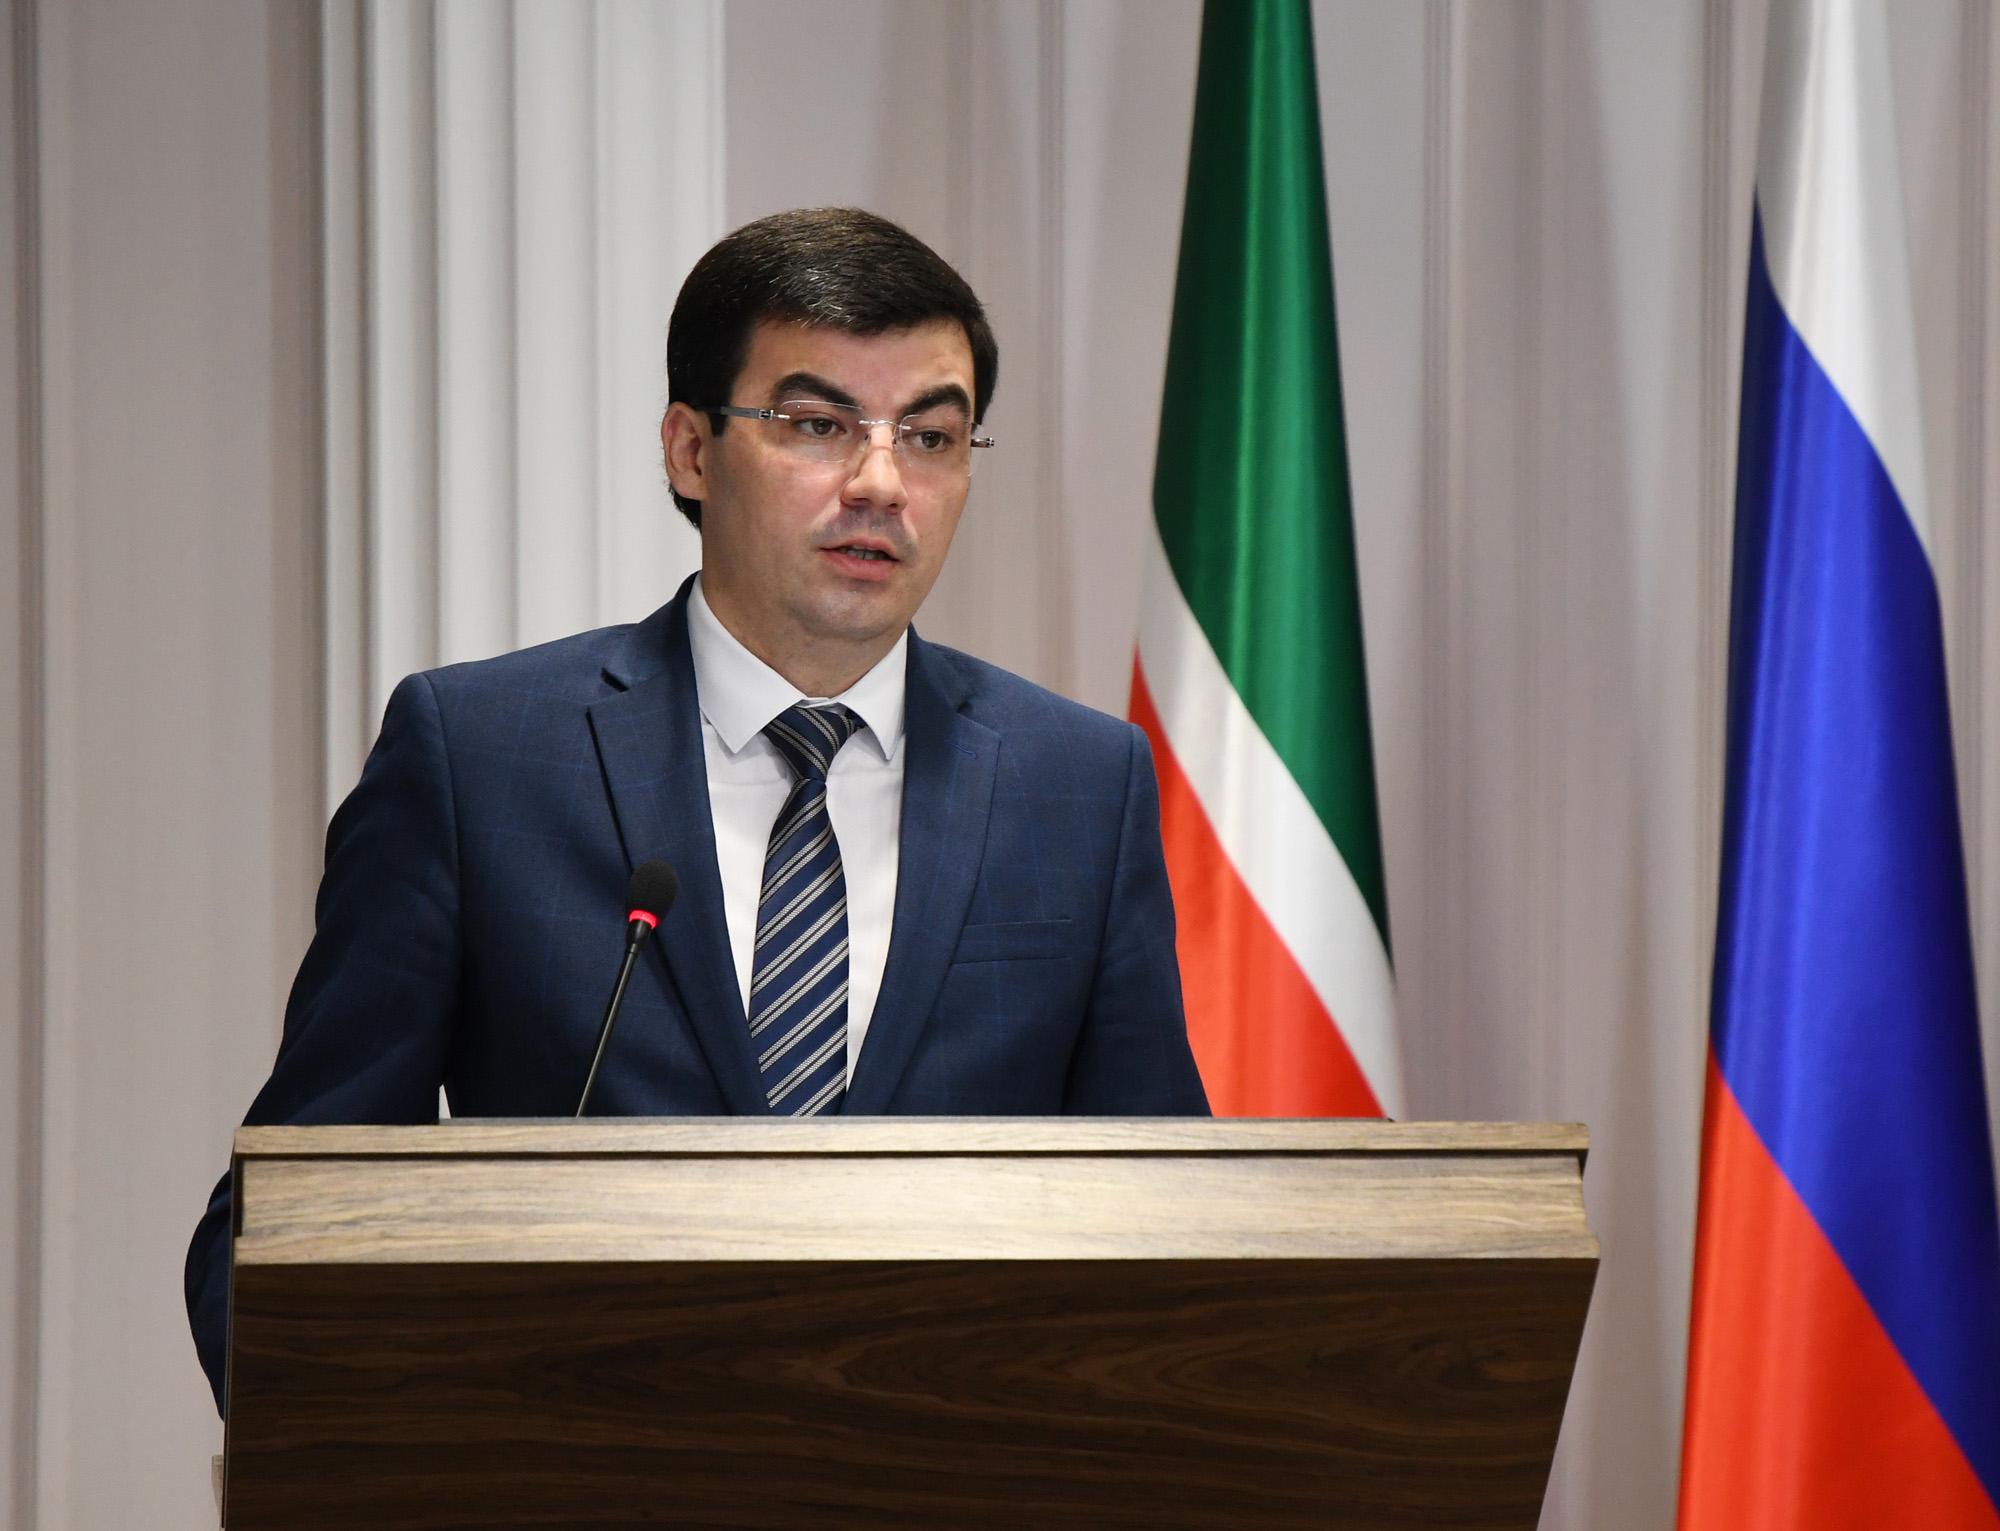 Вэкономику Казани инвестировали неменее 100 млрд руб.